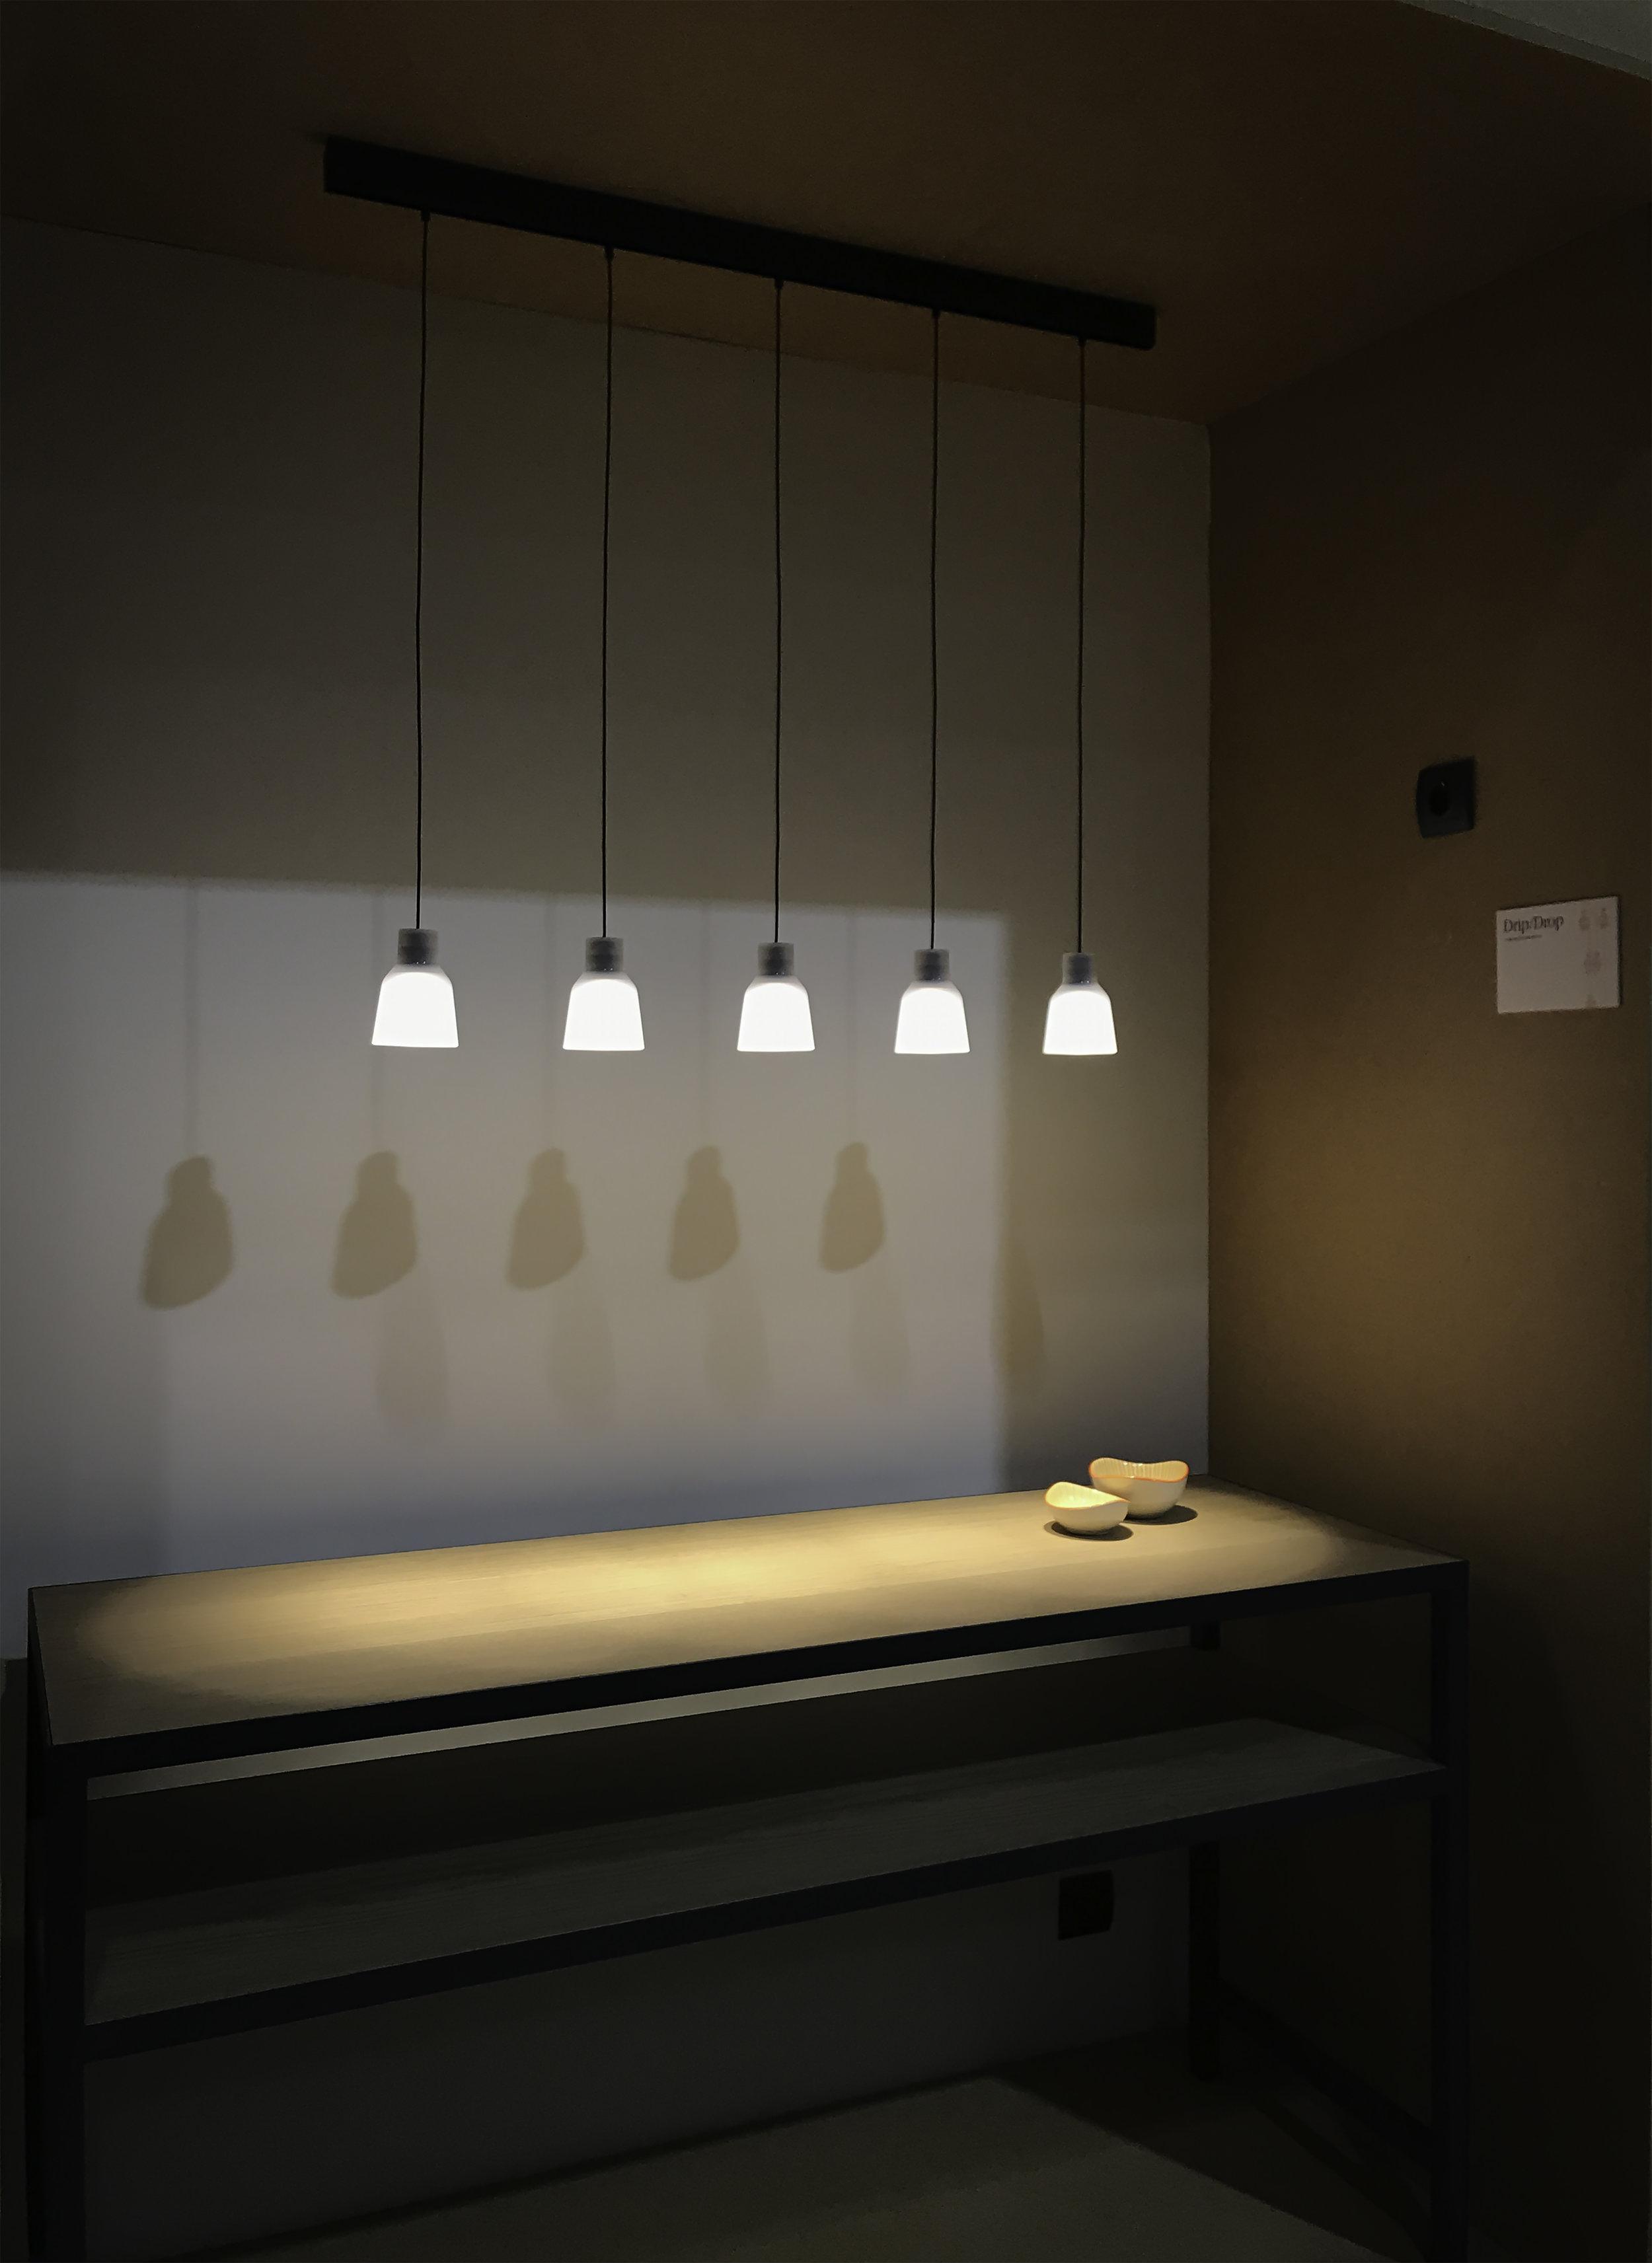 Drip  pendant light, Euroluce 2019 Design: Christophe Mathieu